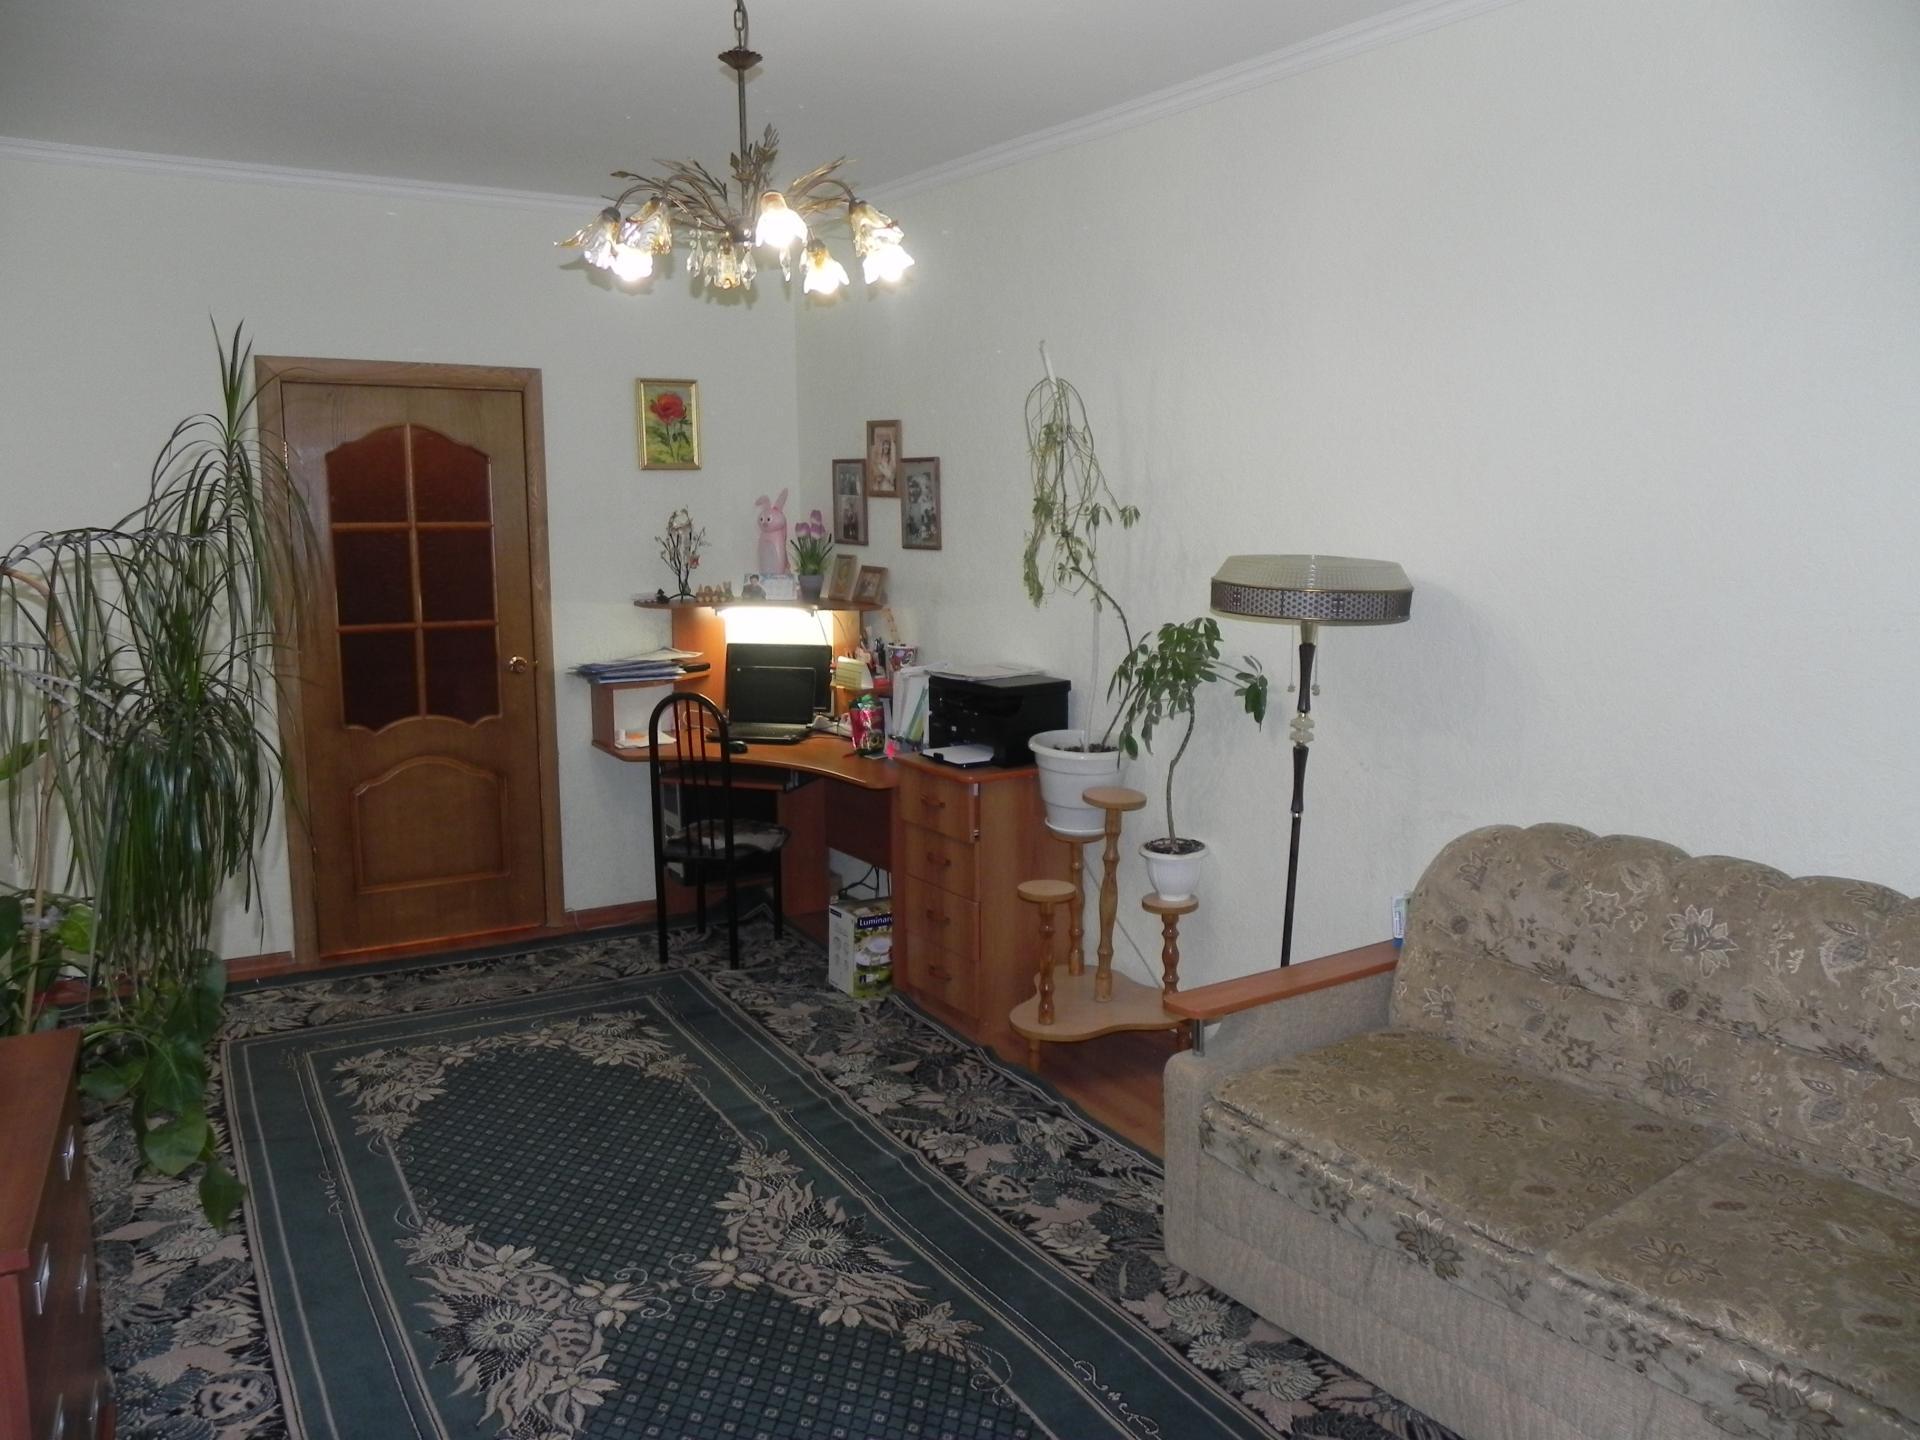 Продам инд по адресу Россия, Тюменская область, Тюмень, Федюнинского, 7 к1 фото 1 по выгодной цене